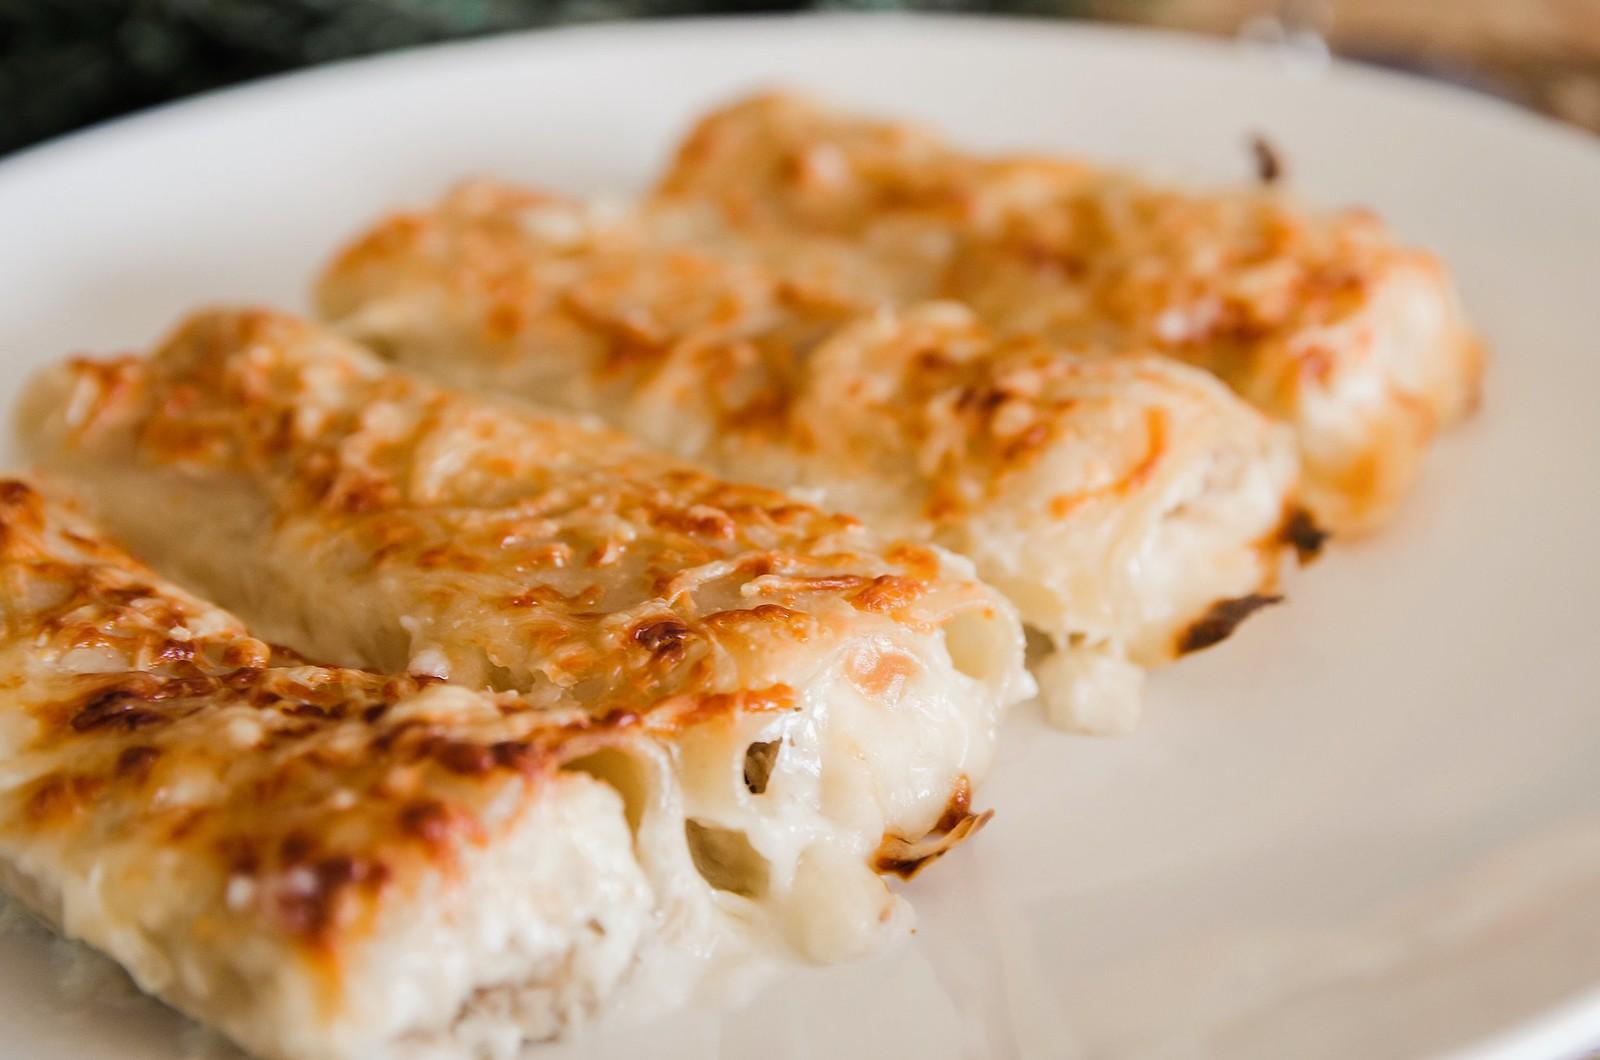 Canelones de pollo con pasas | ©mvesblog